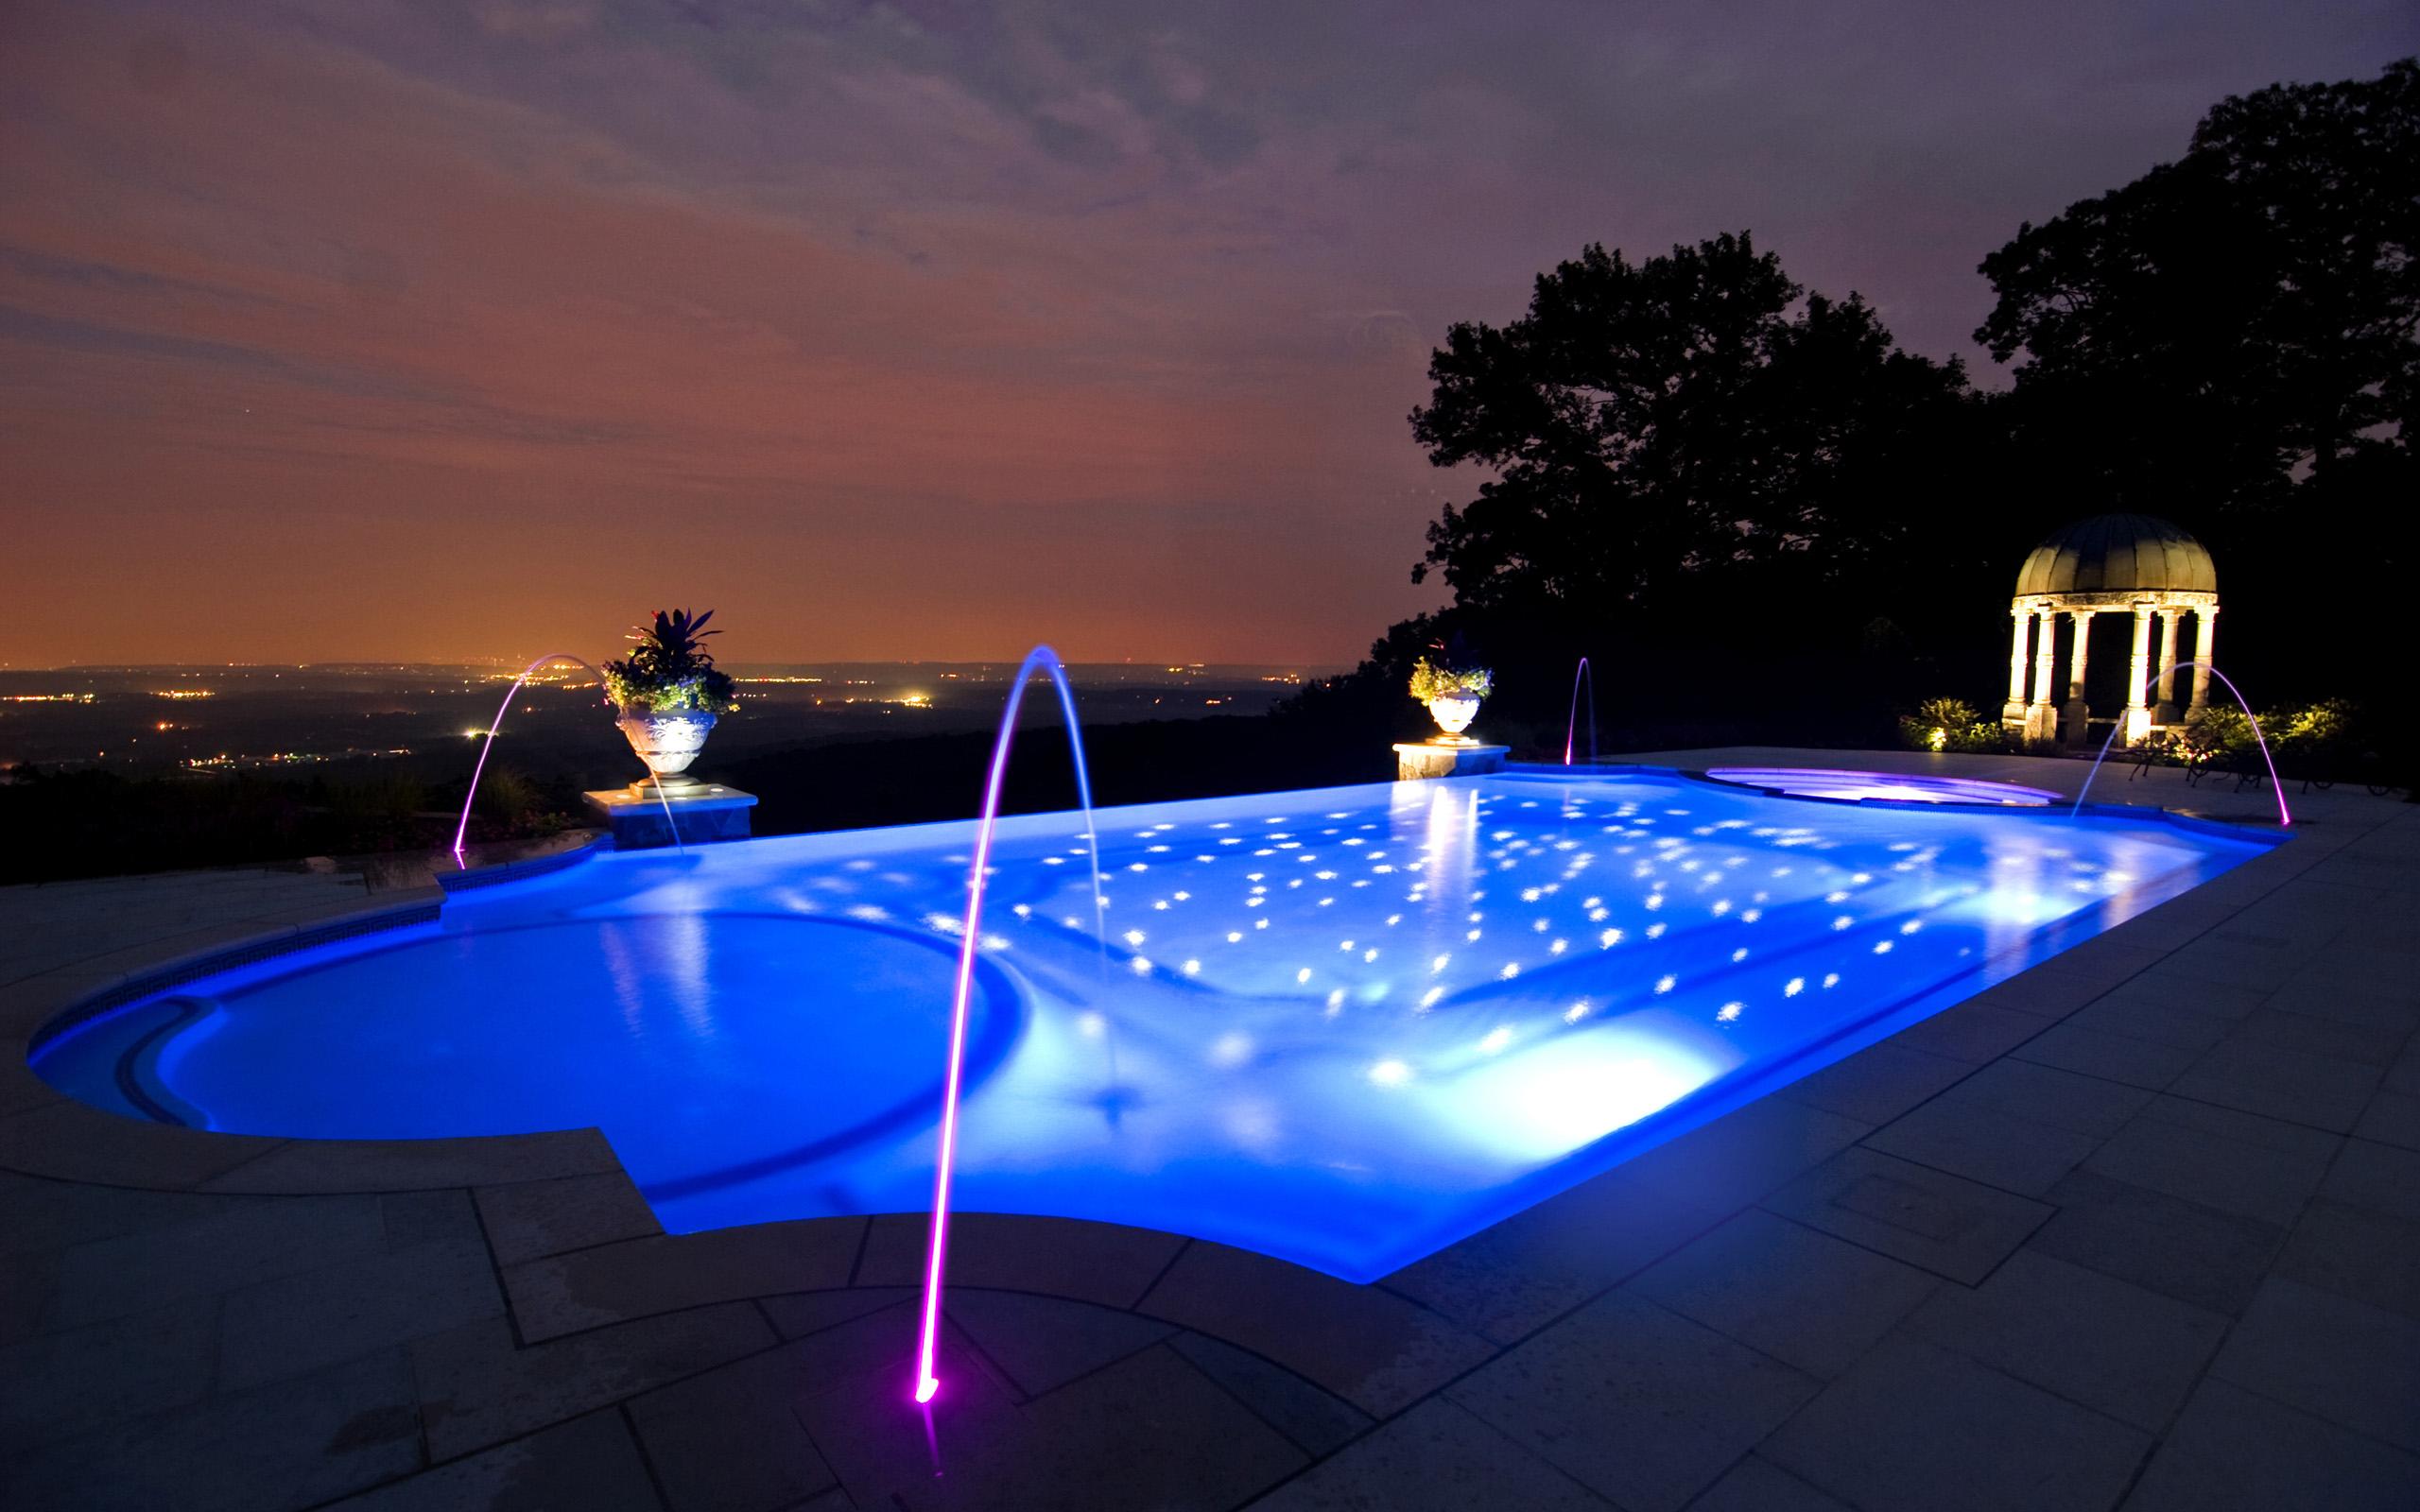 Как сделать подсветку в бассейне своими руками фото 809